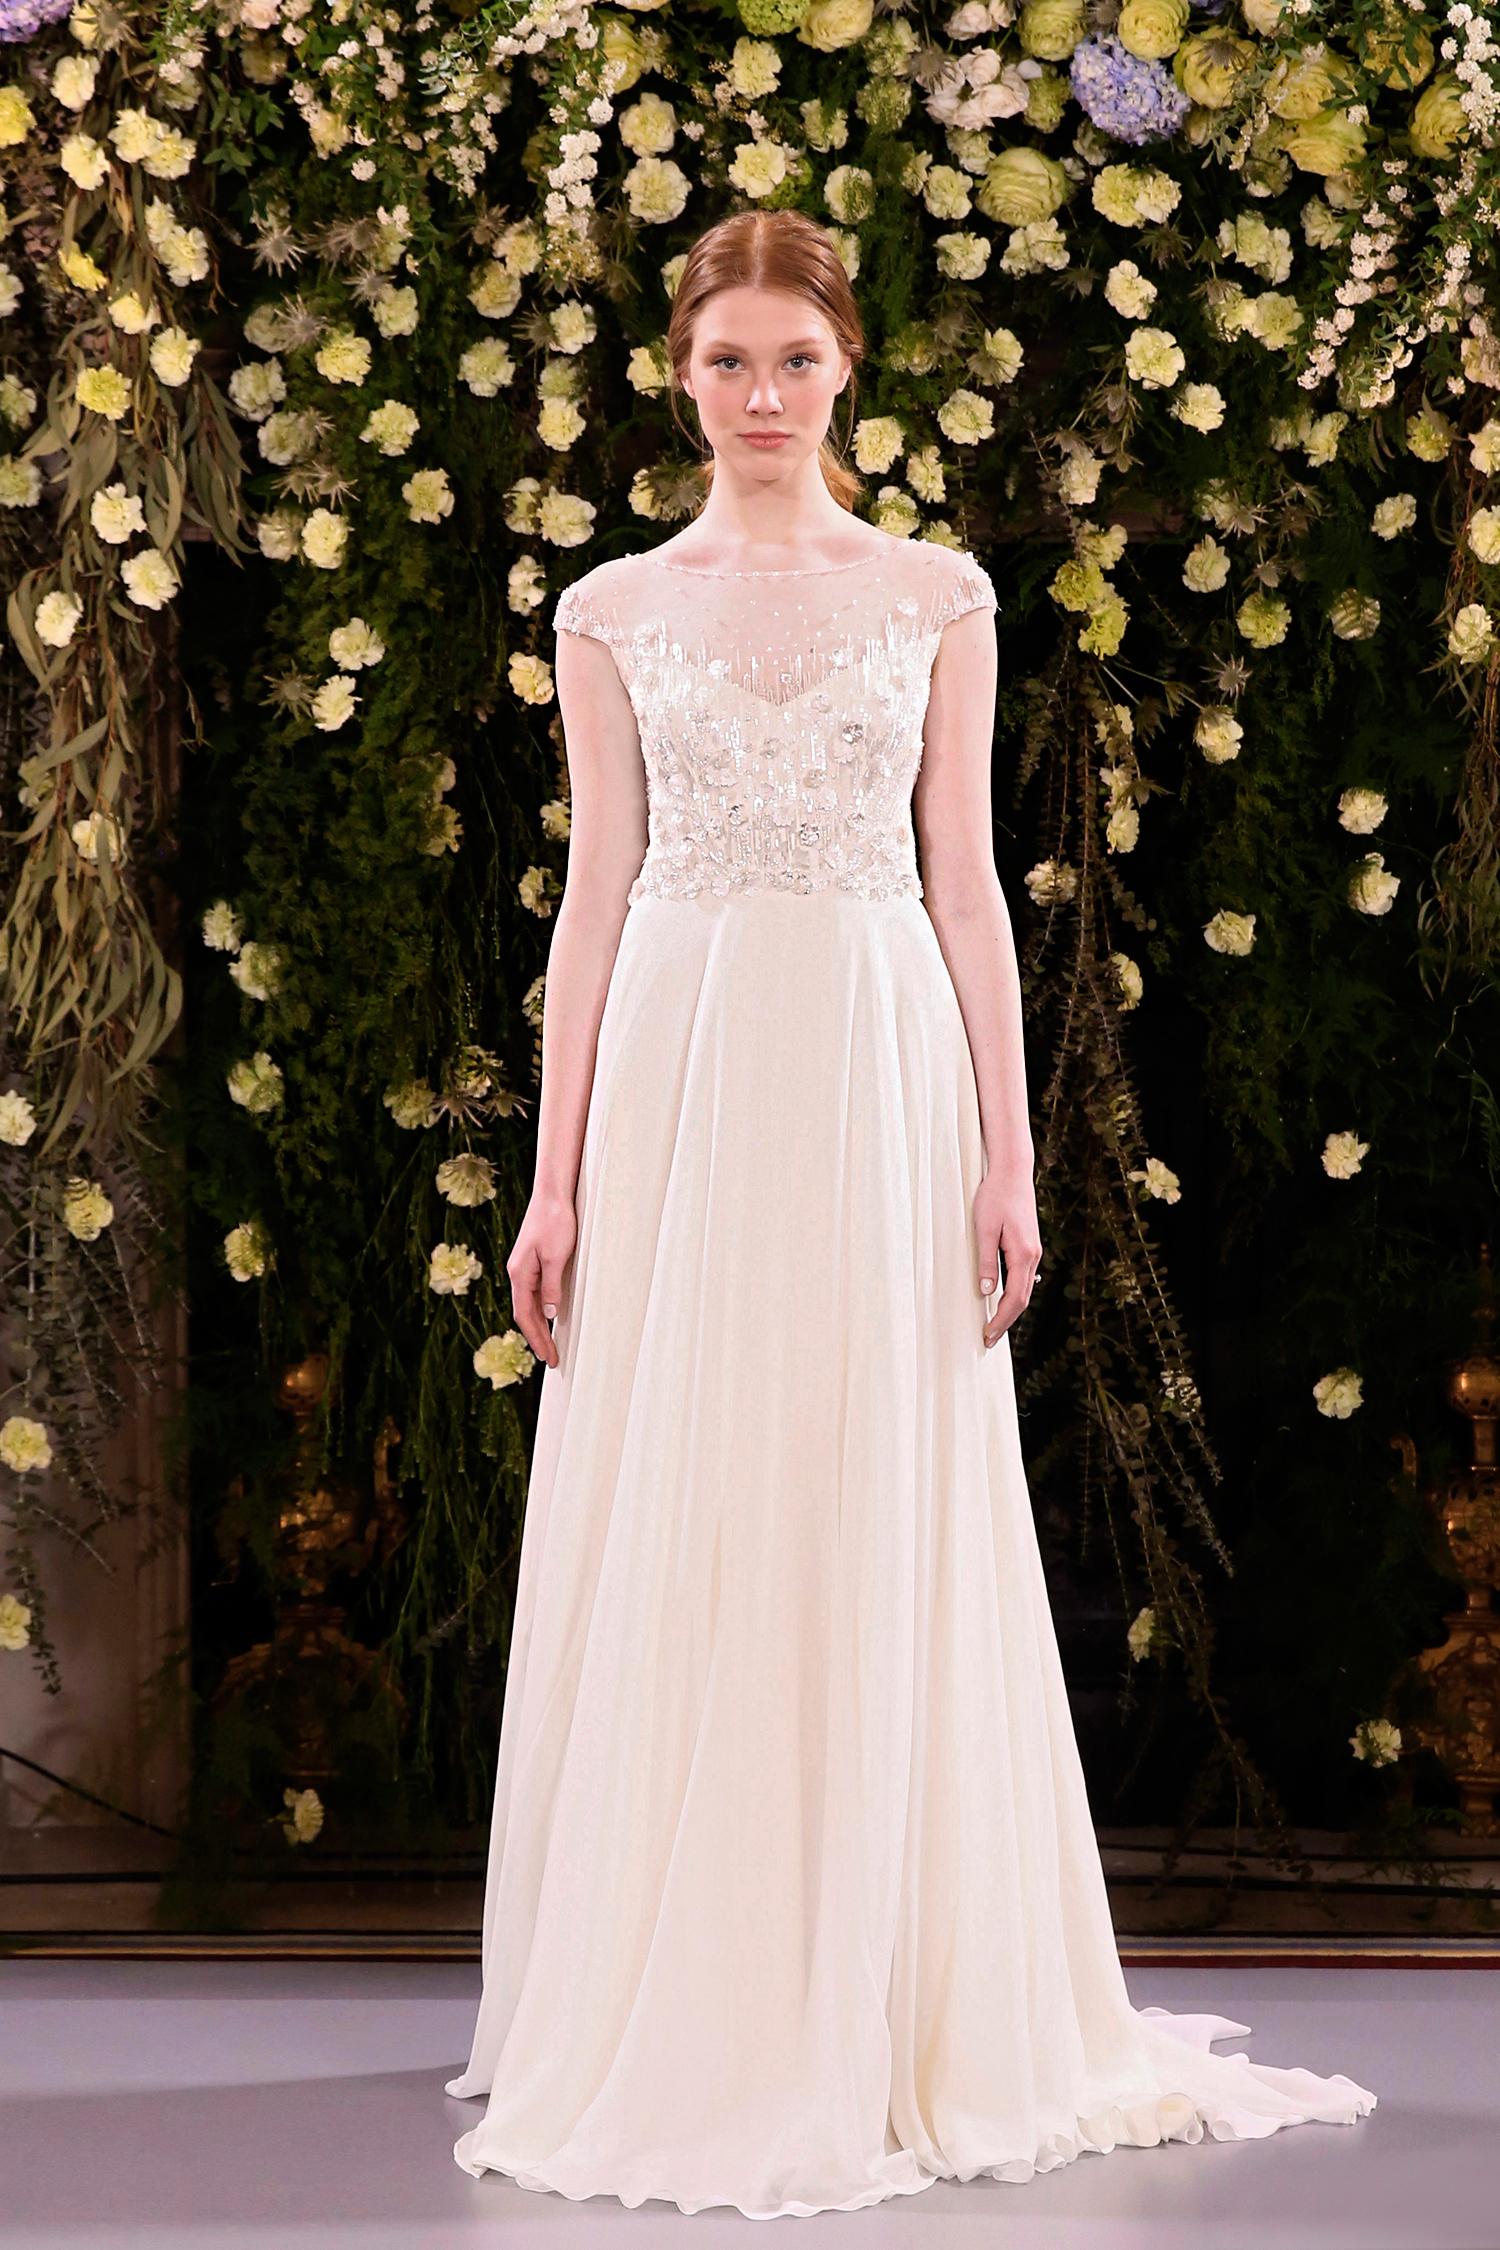 jenny packham wedding dress spring 2019 cap sleeve illusion neck